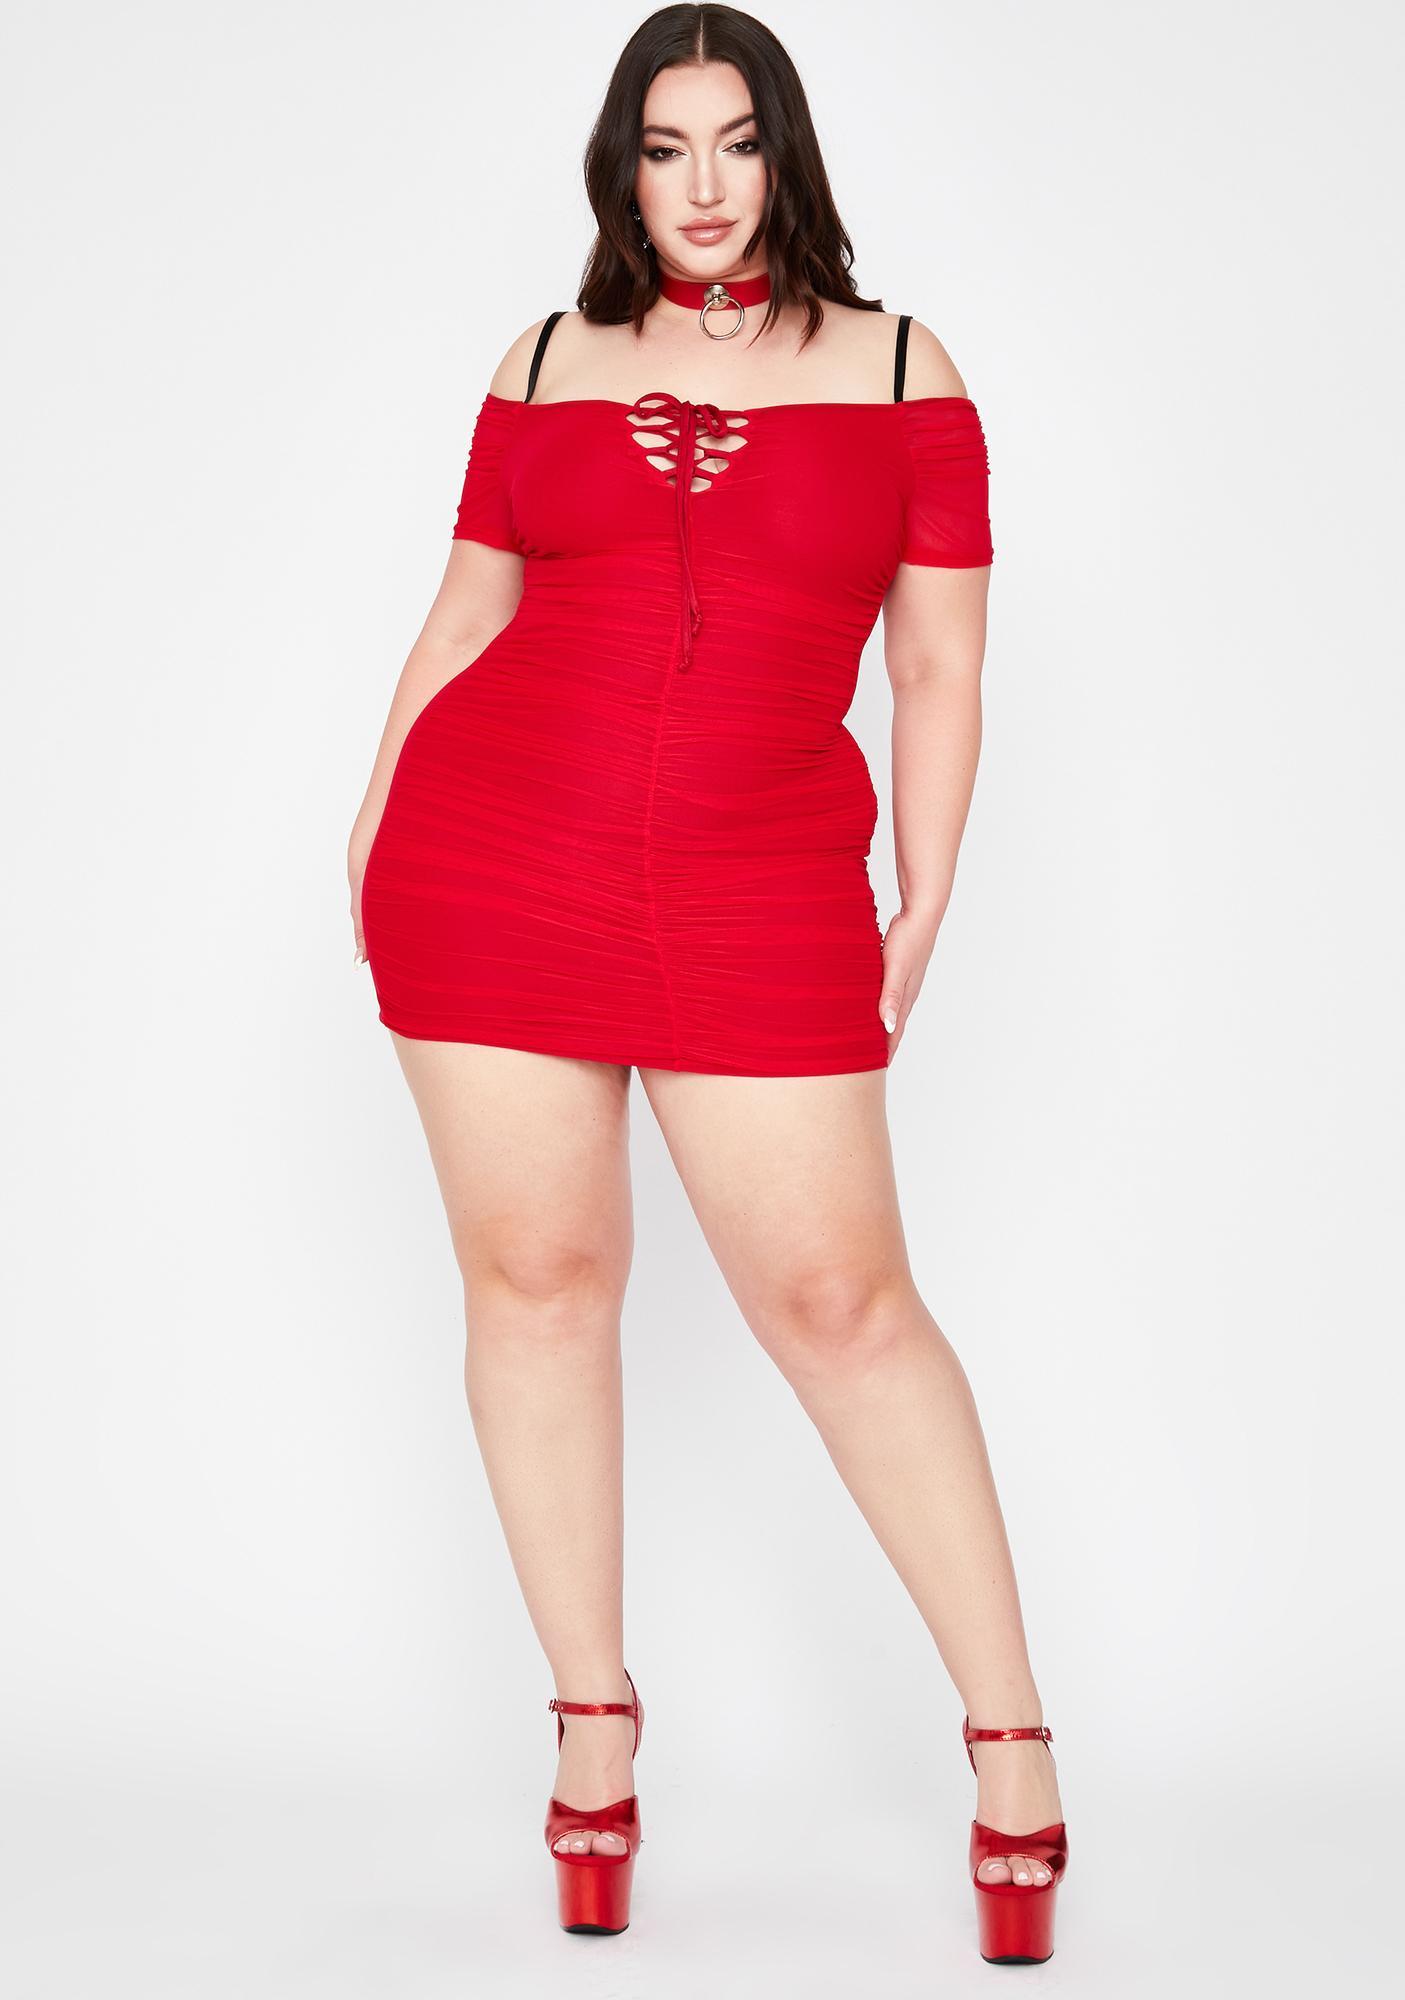 Ur Worth My Love Mini Dress